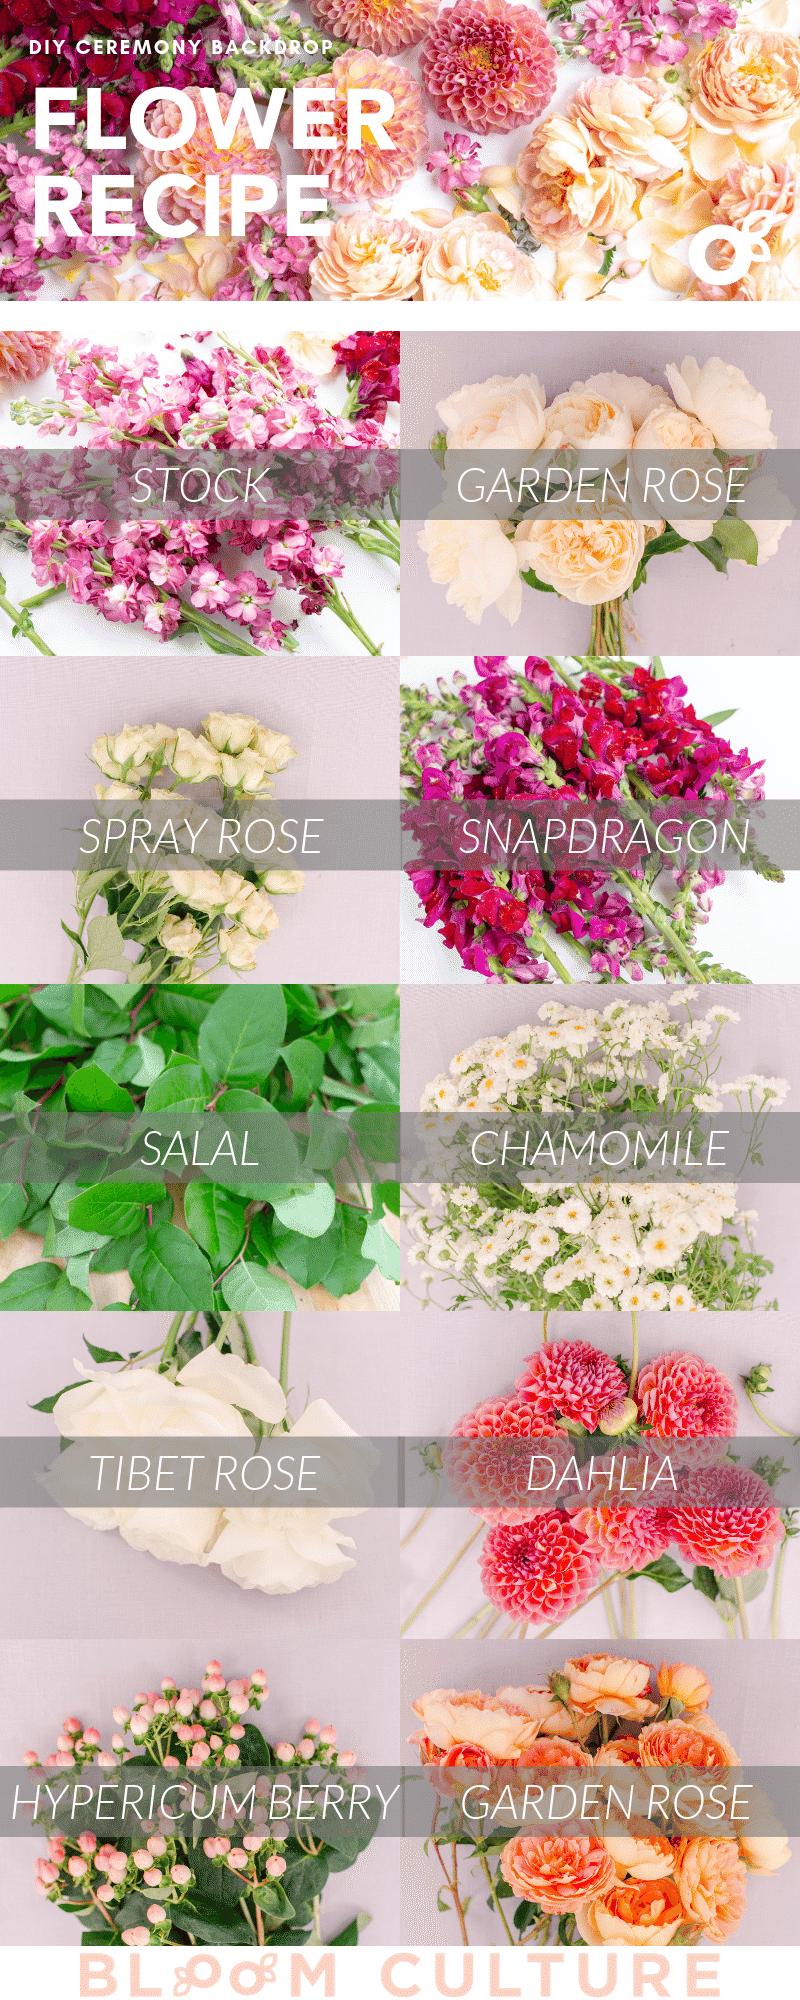 Bloom Culture DIY Flower Backdrop - Flower Recipe